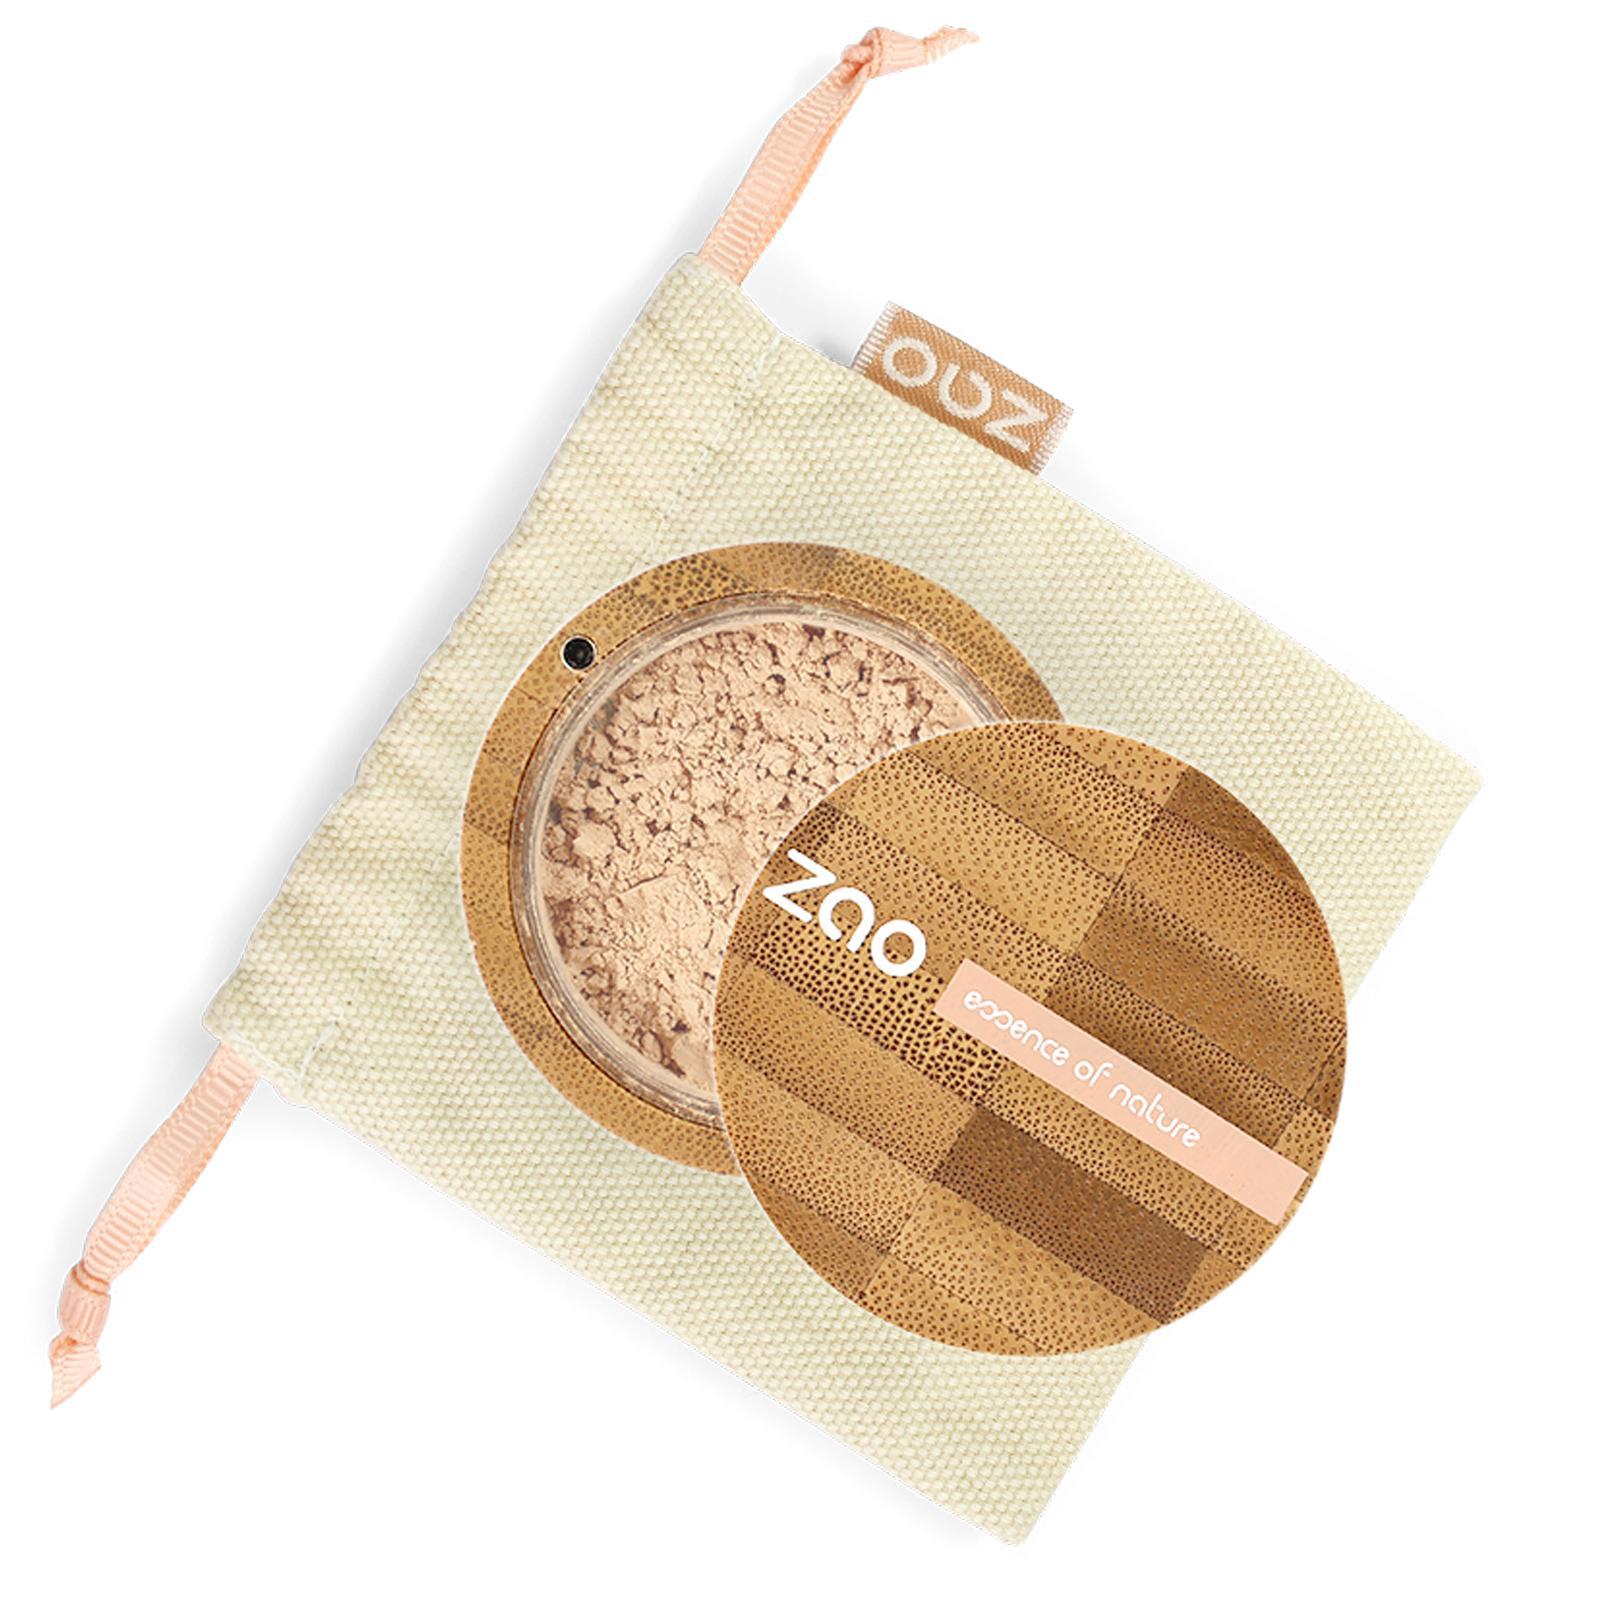 ZAO Hedvábný minerální make-up 509 Sand beige 15 g bambusový obal